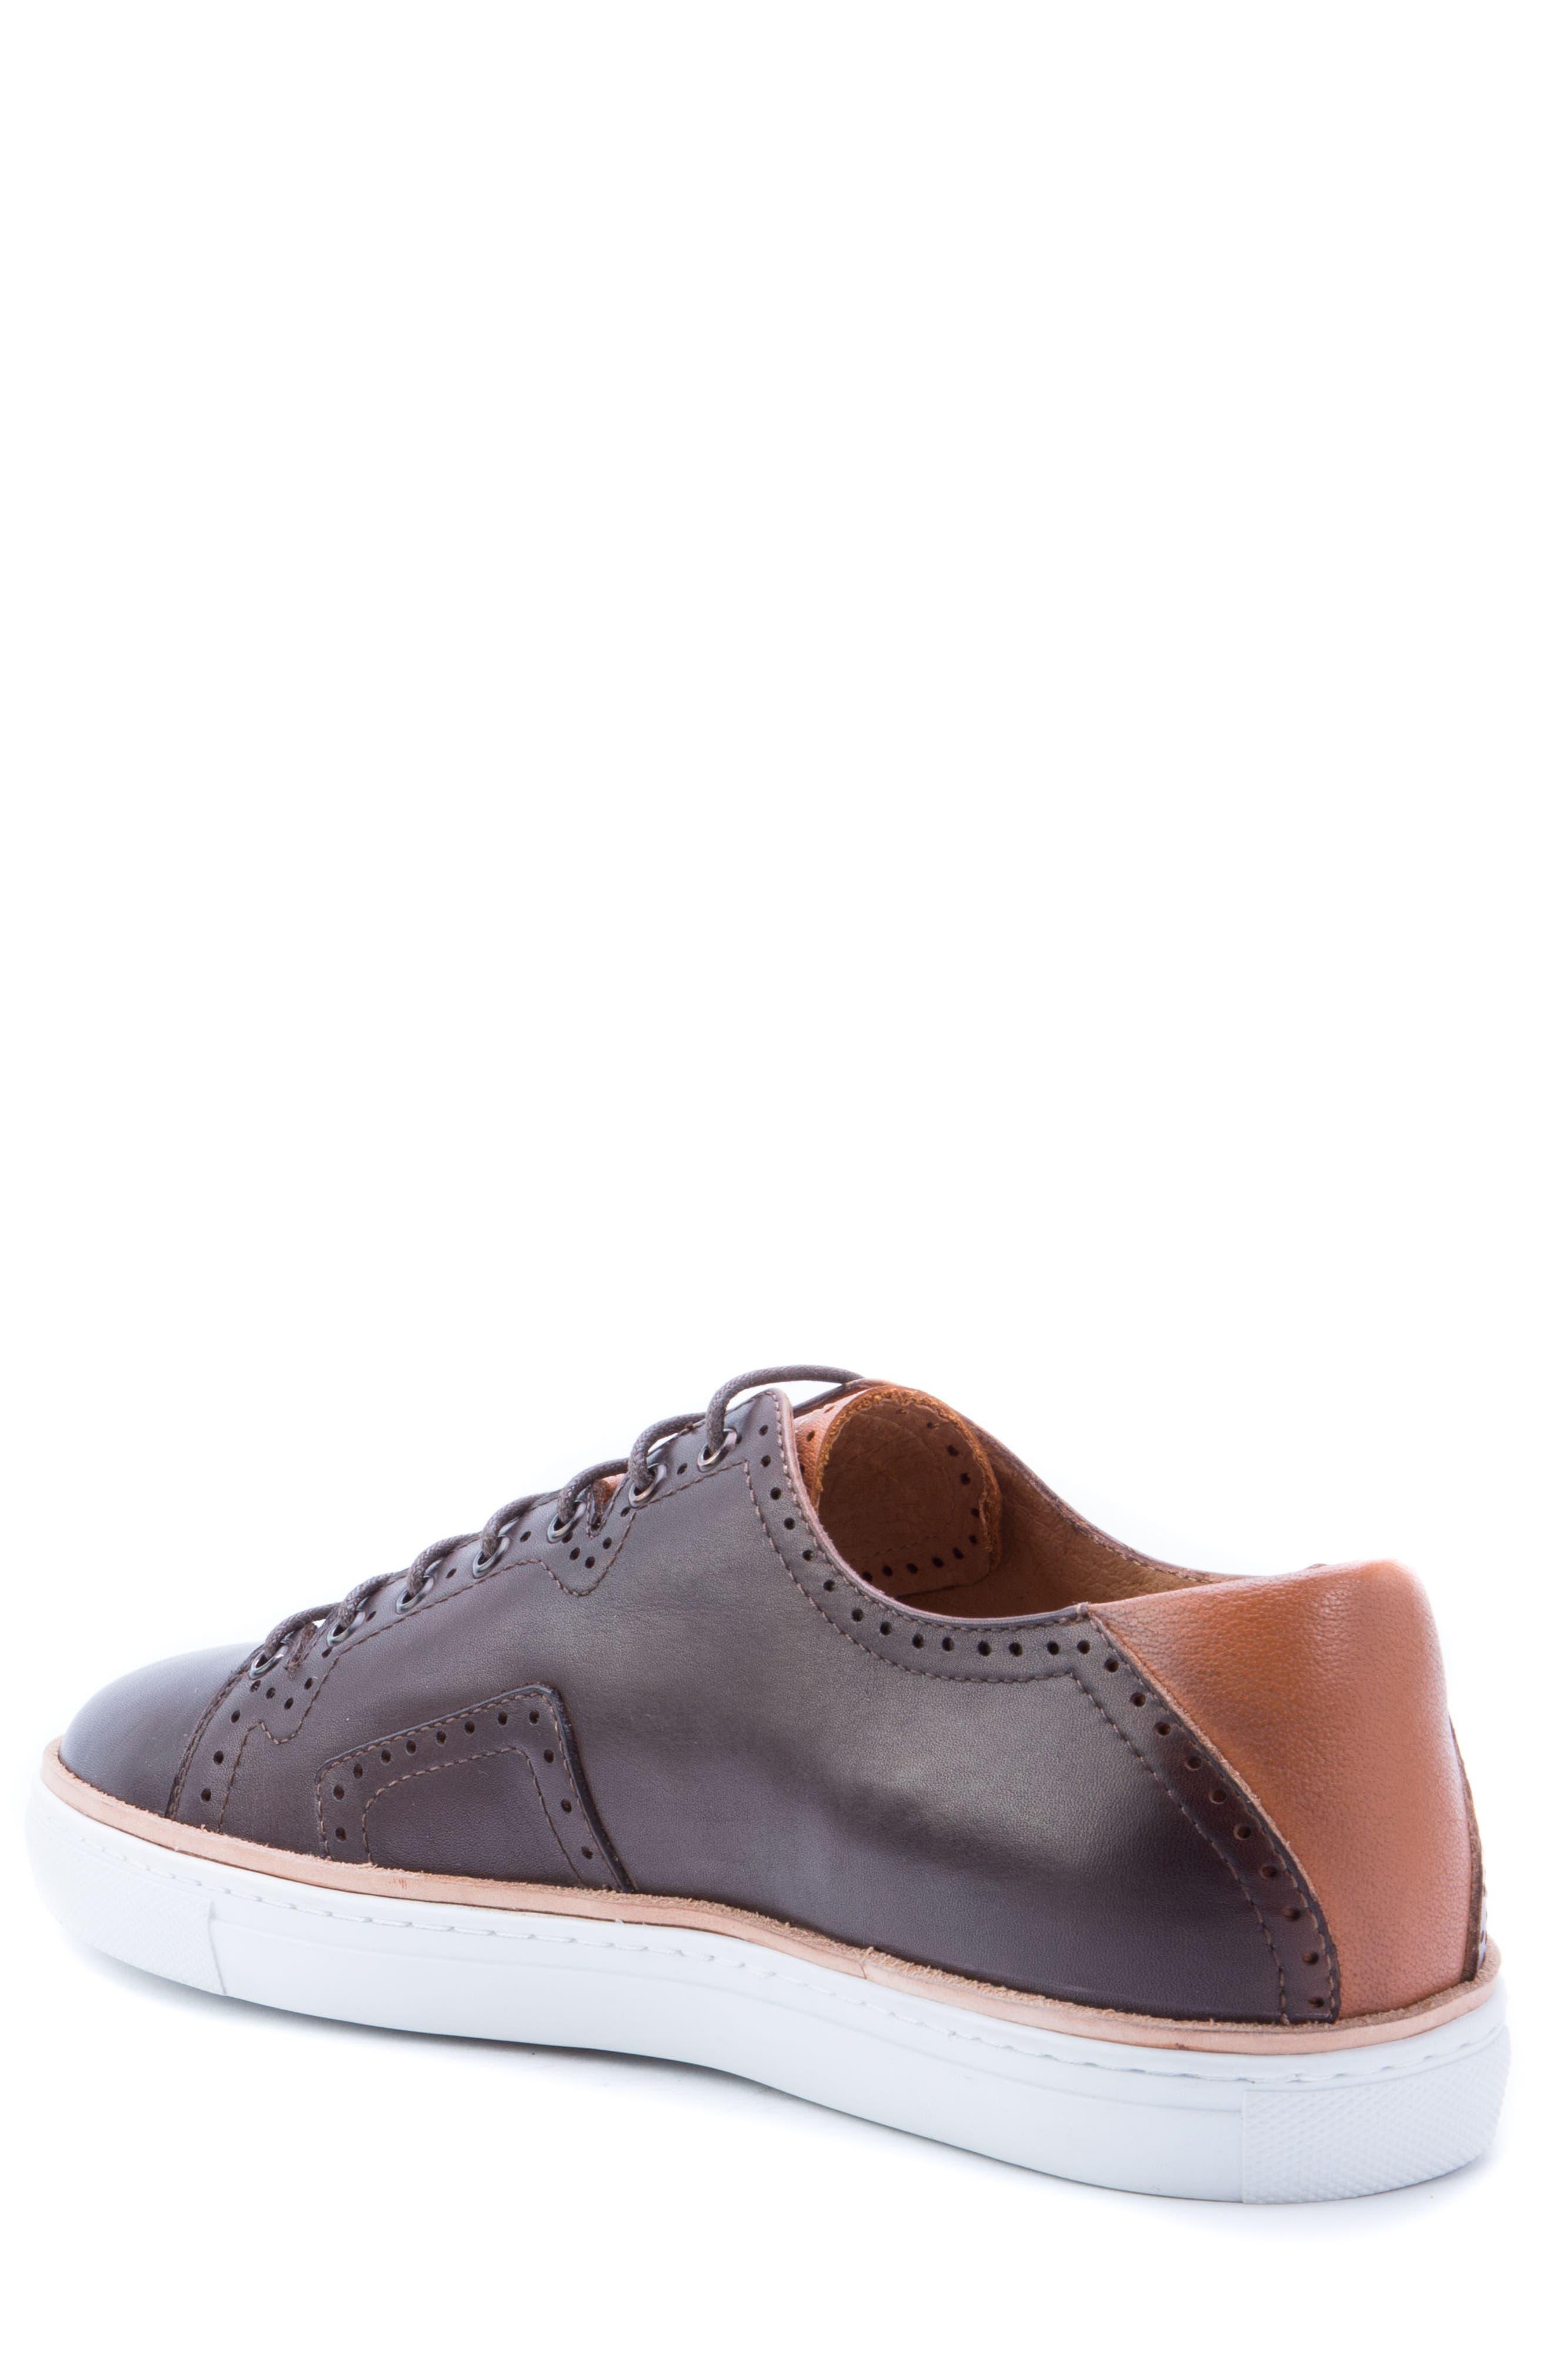 Marti Low Top Sneaker,                             Alternate thumbnail 2, color,                             200